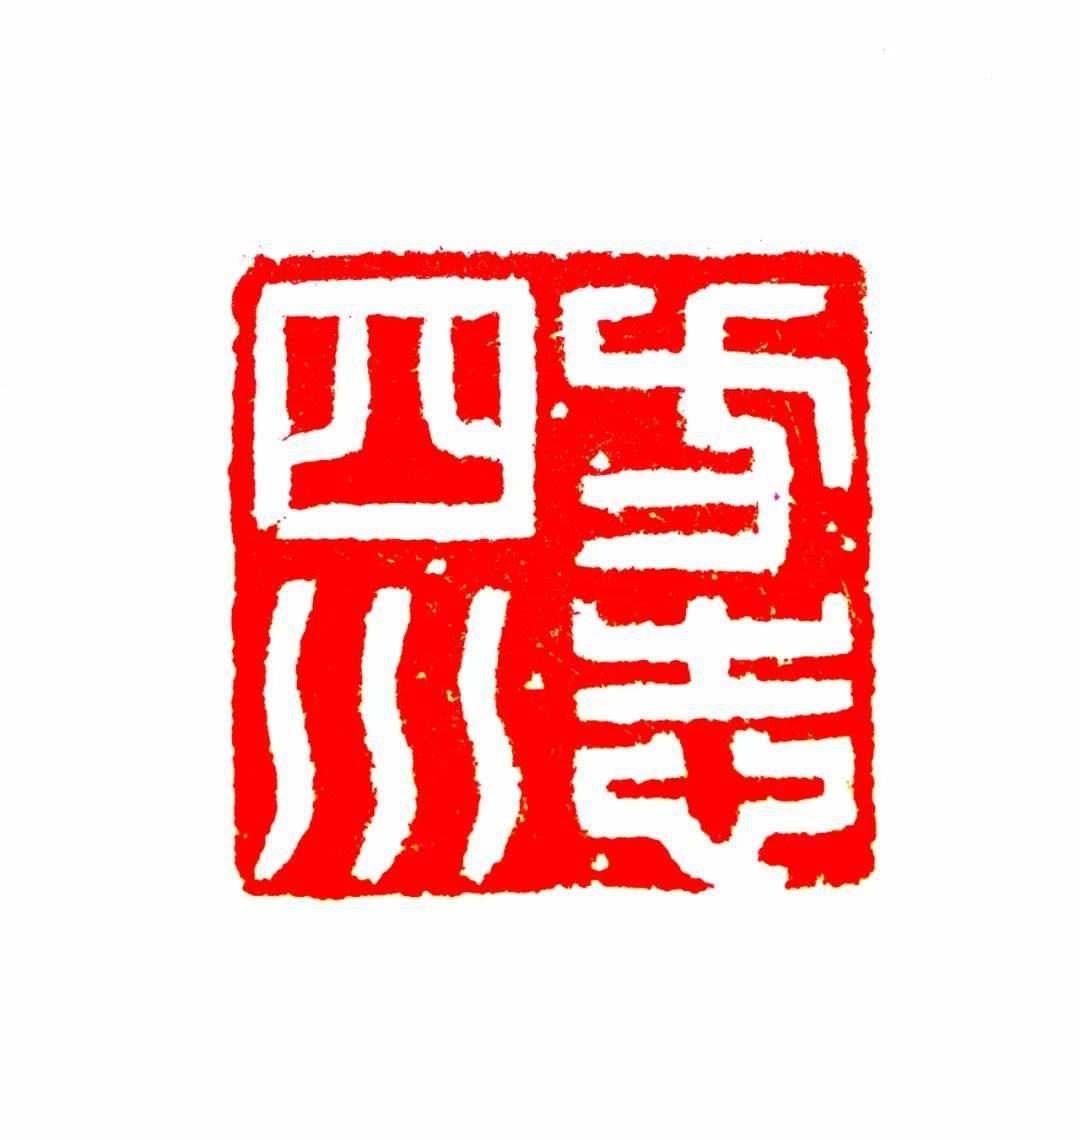 【方志四川•要闻】四川要闻第121期(2021年1月4日—2021年1月10日)